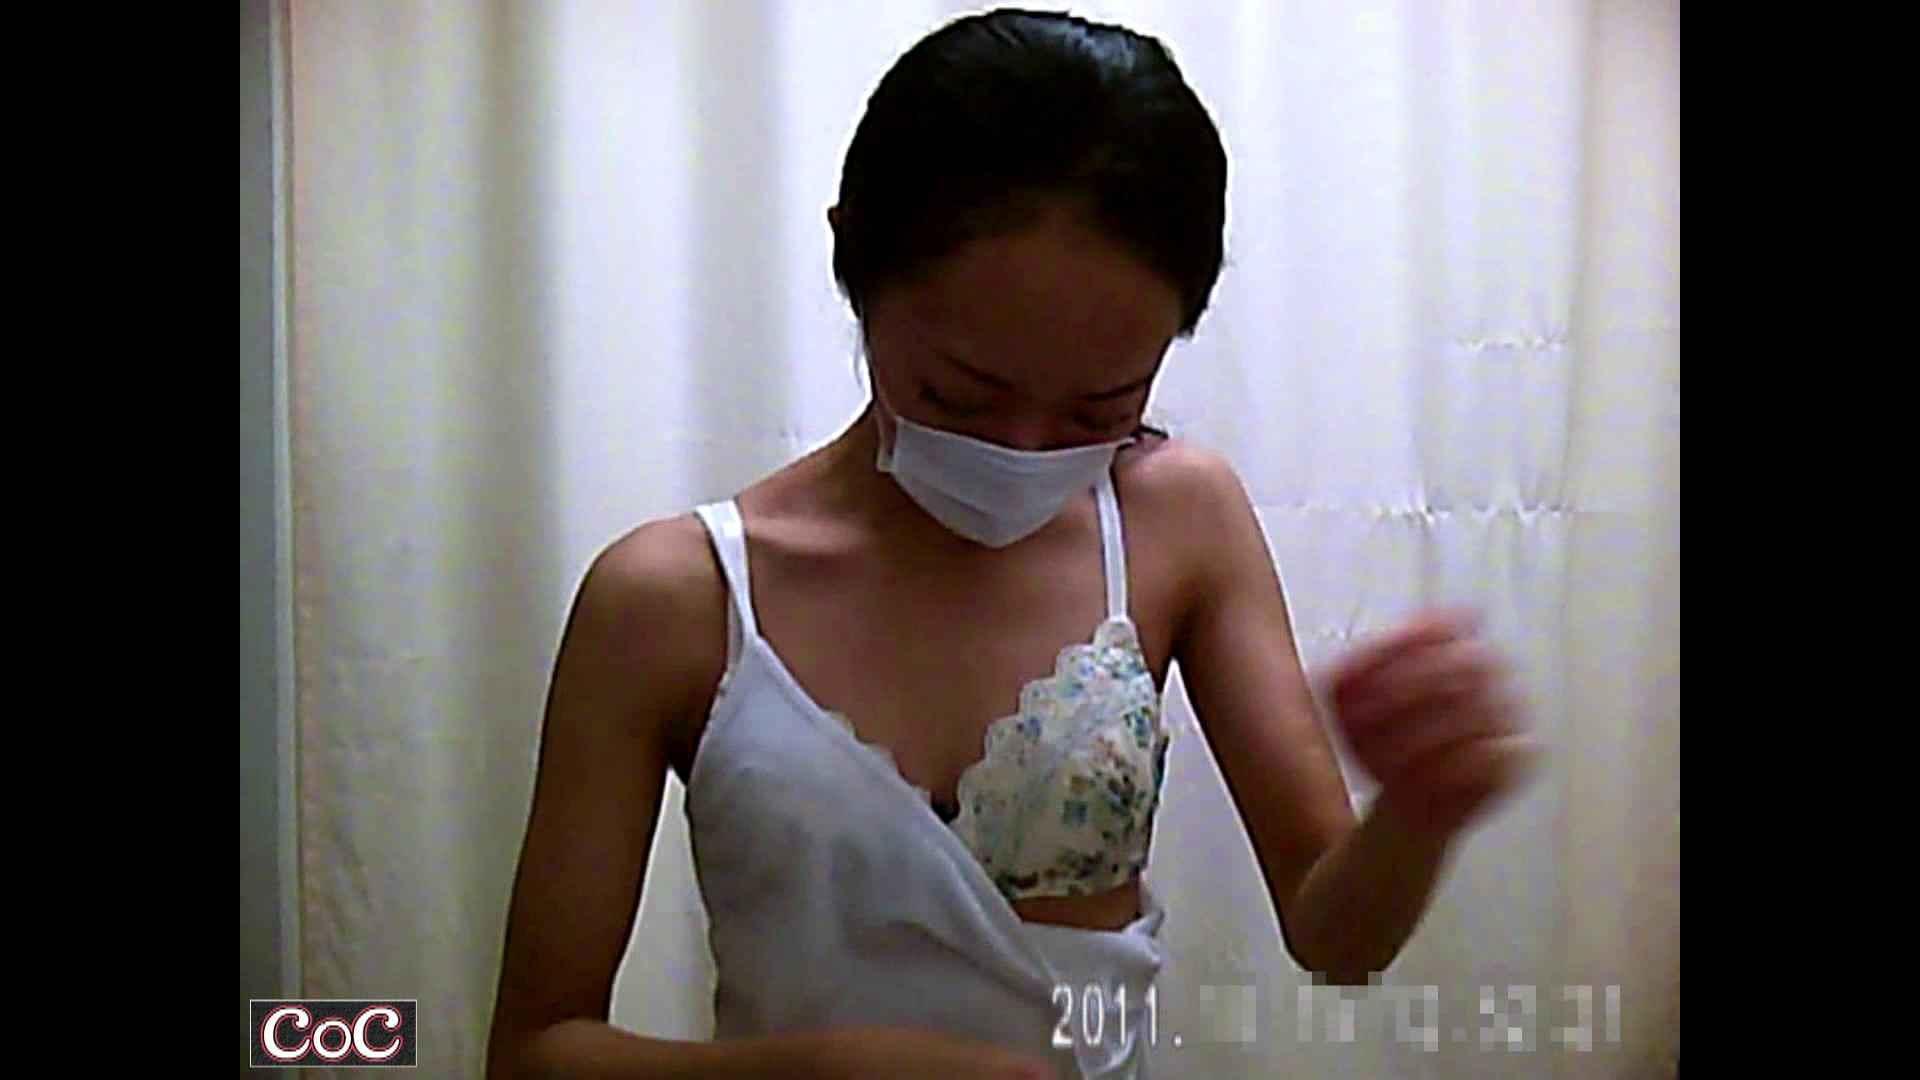 病院おもいっきり着替え! vol.59 乳首ポロリ 隠し撮りオマンコ動画紹介 85画像 25